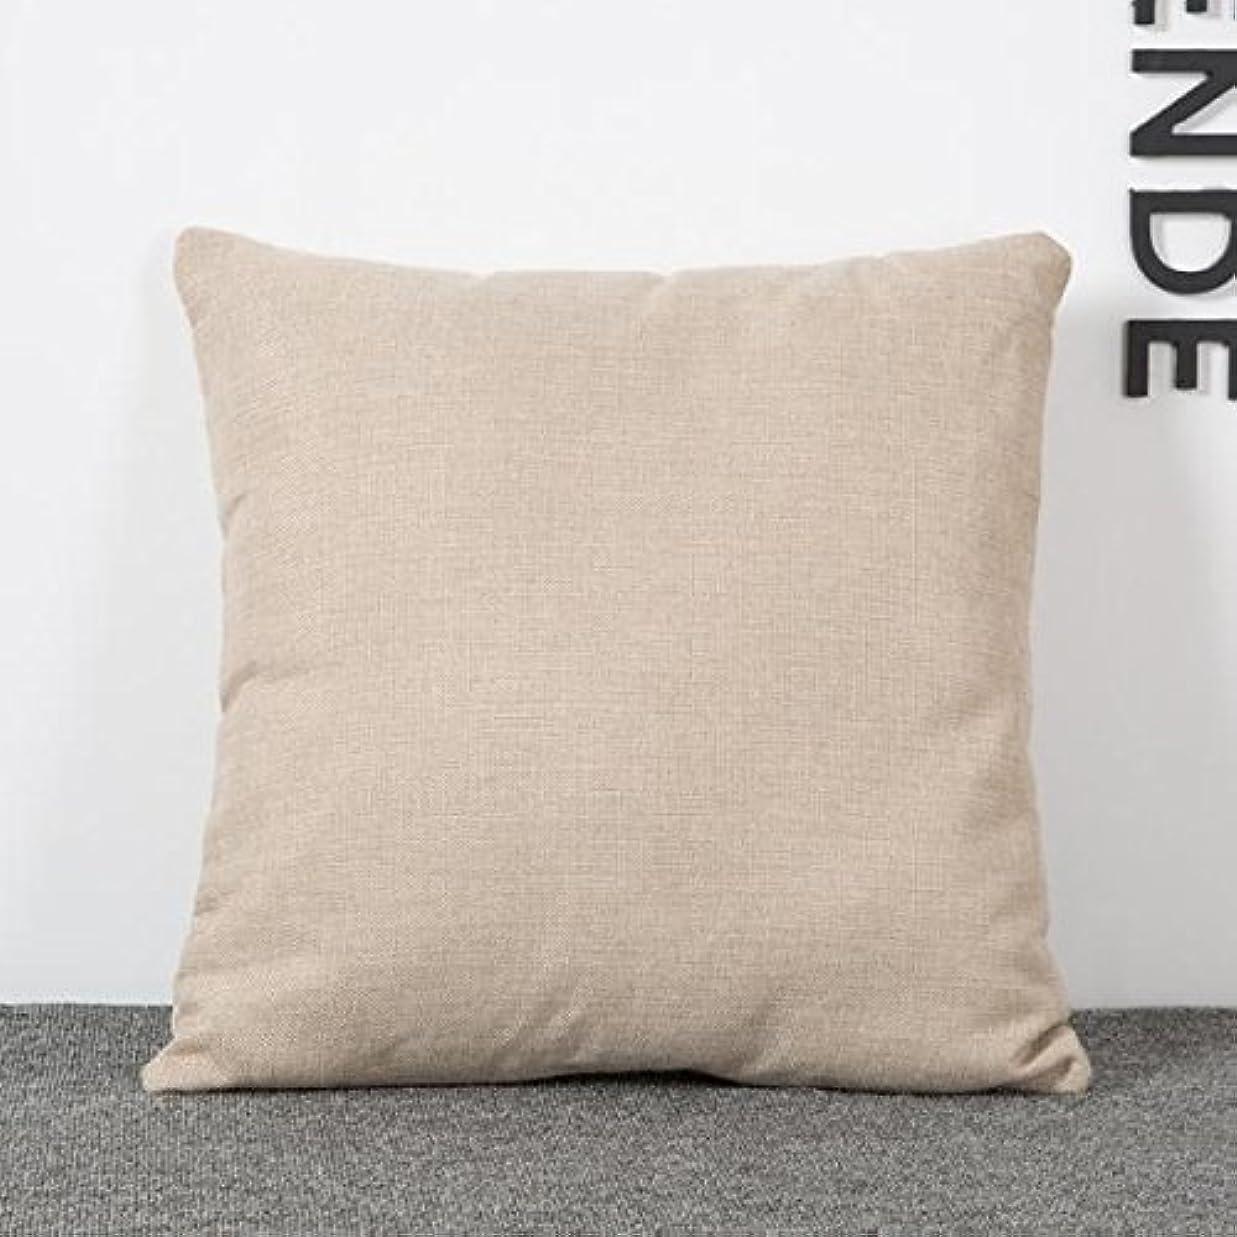 翻訳する移植少しB Blesiya クッションカバー5色シンプルな幾何学模様のリネンソファー腰枕カバー